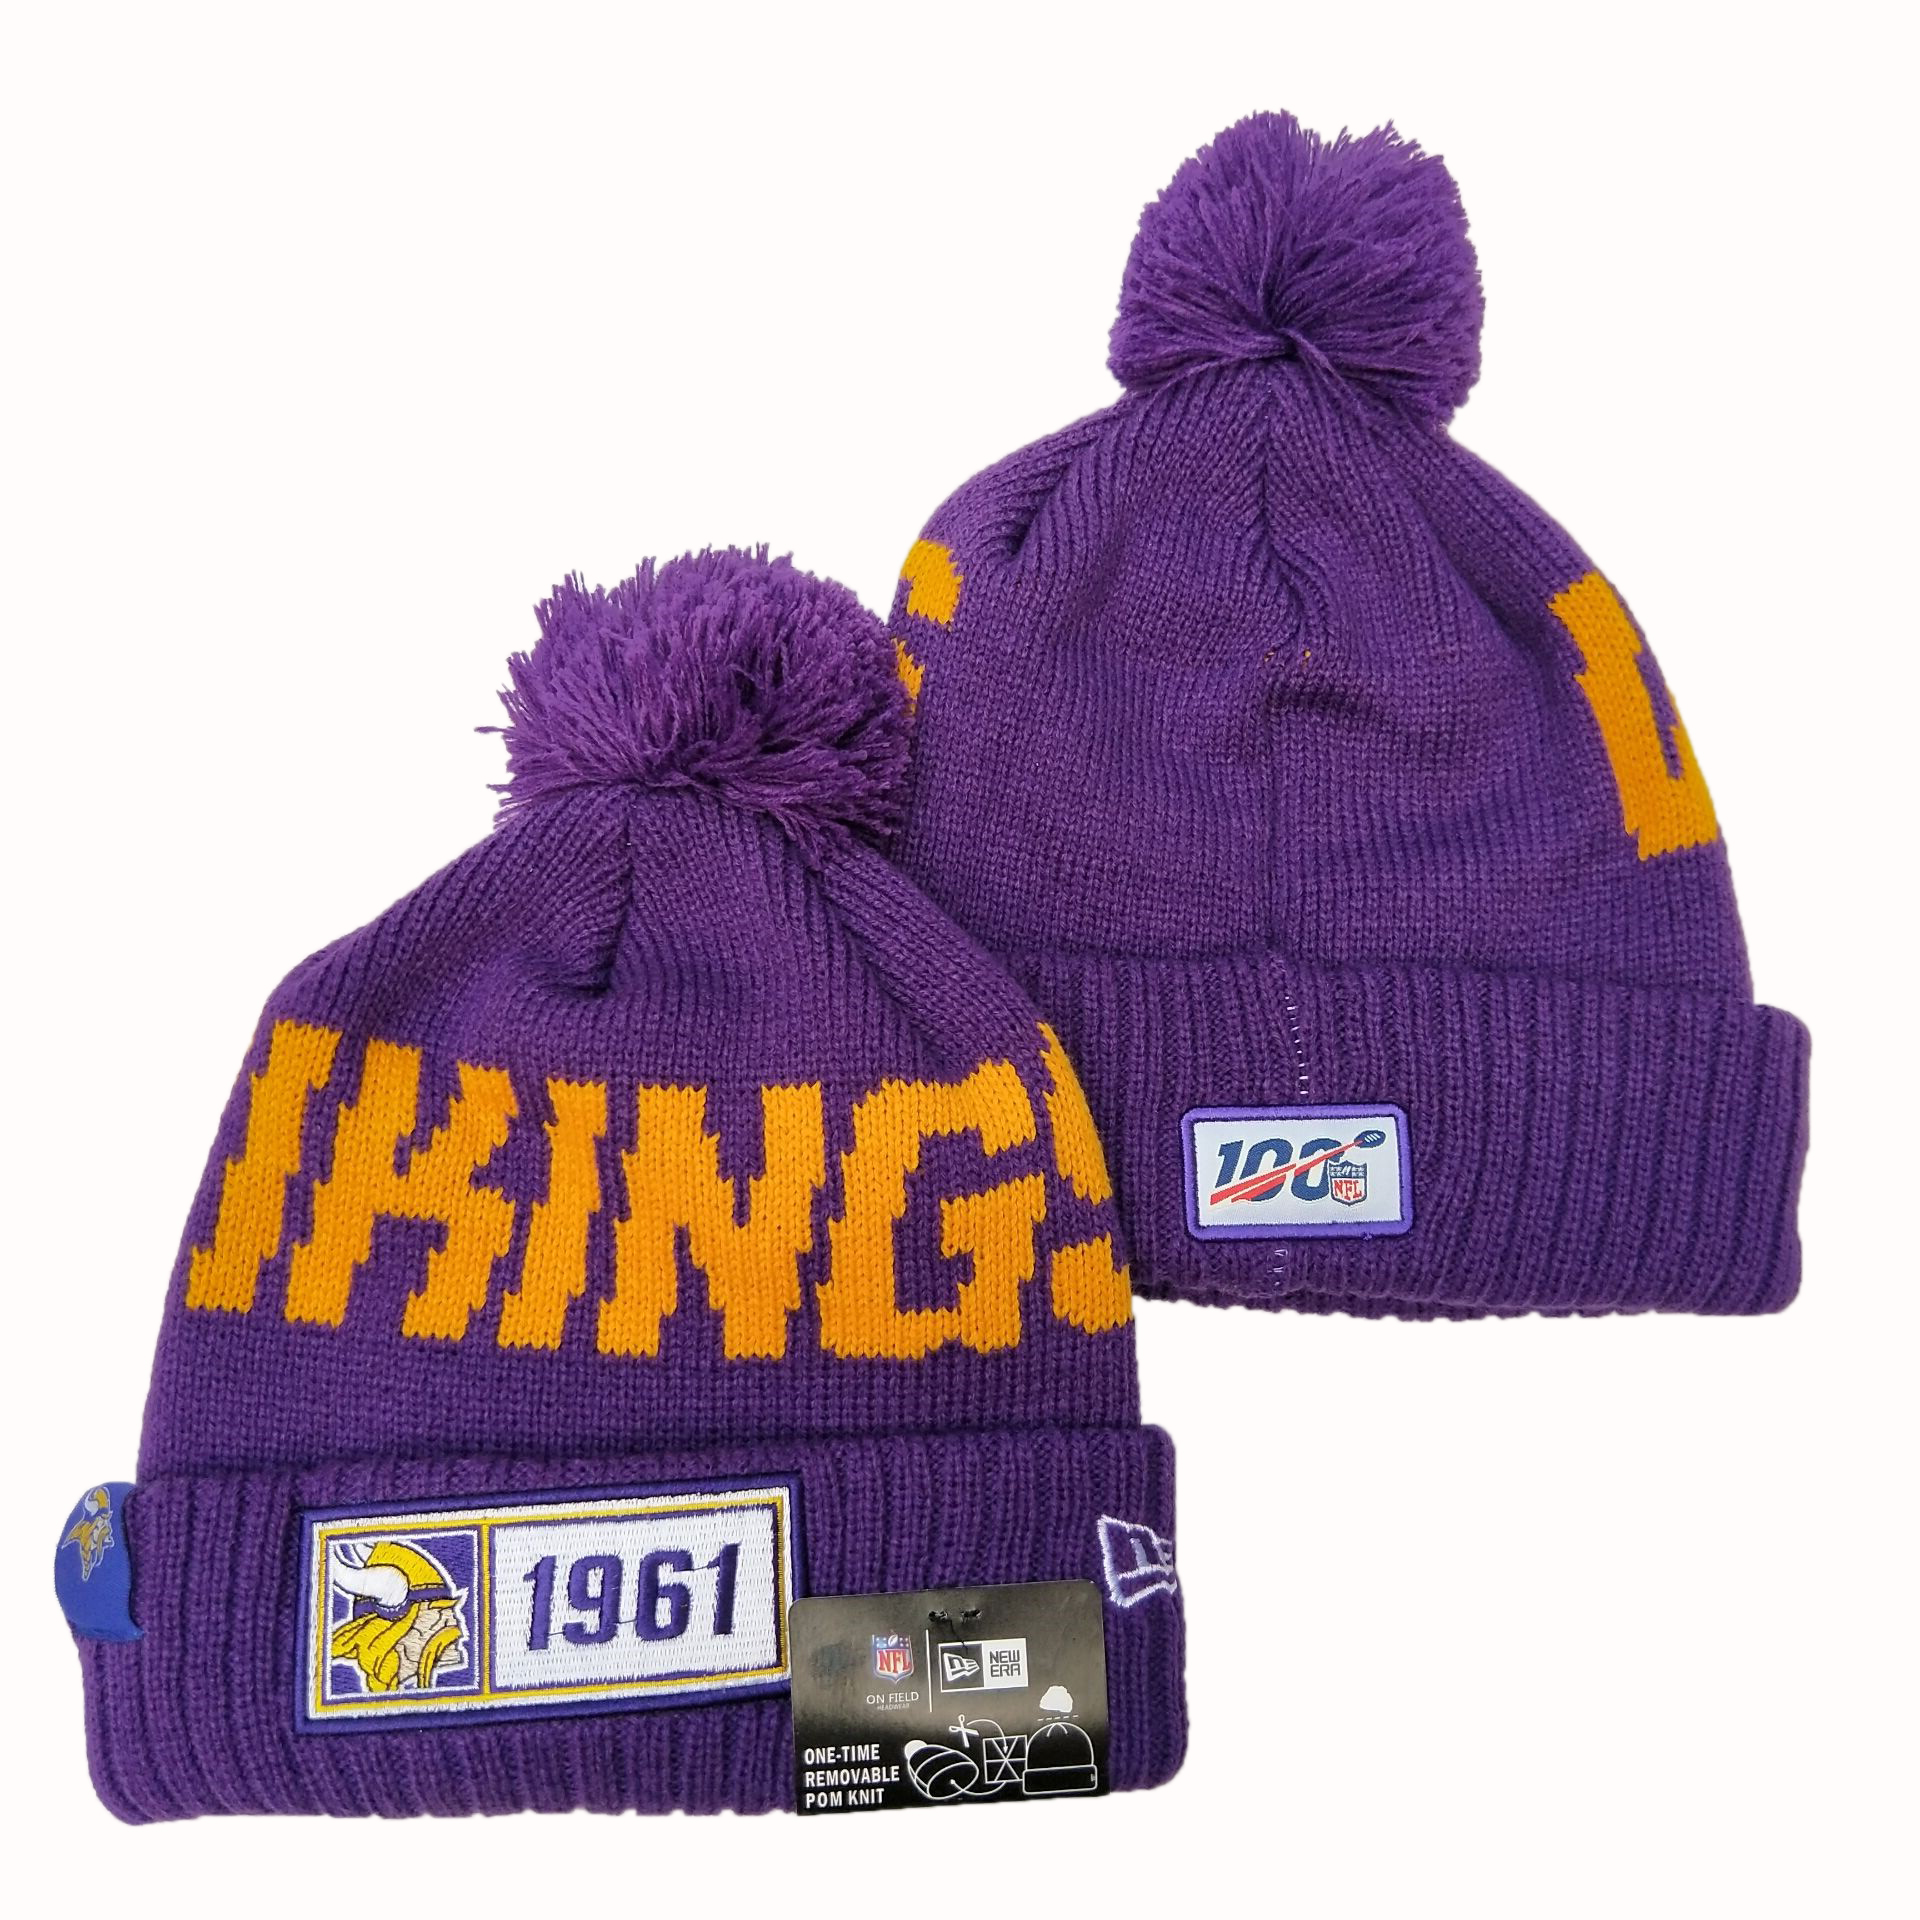 Vikings Team Logo Purple 100th Season Pom Knit Hat YD